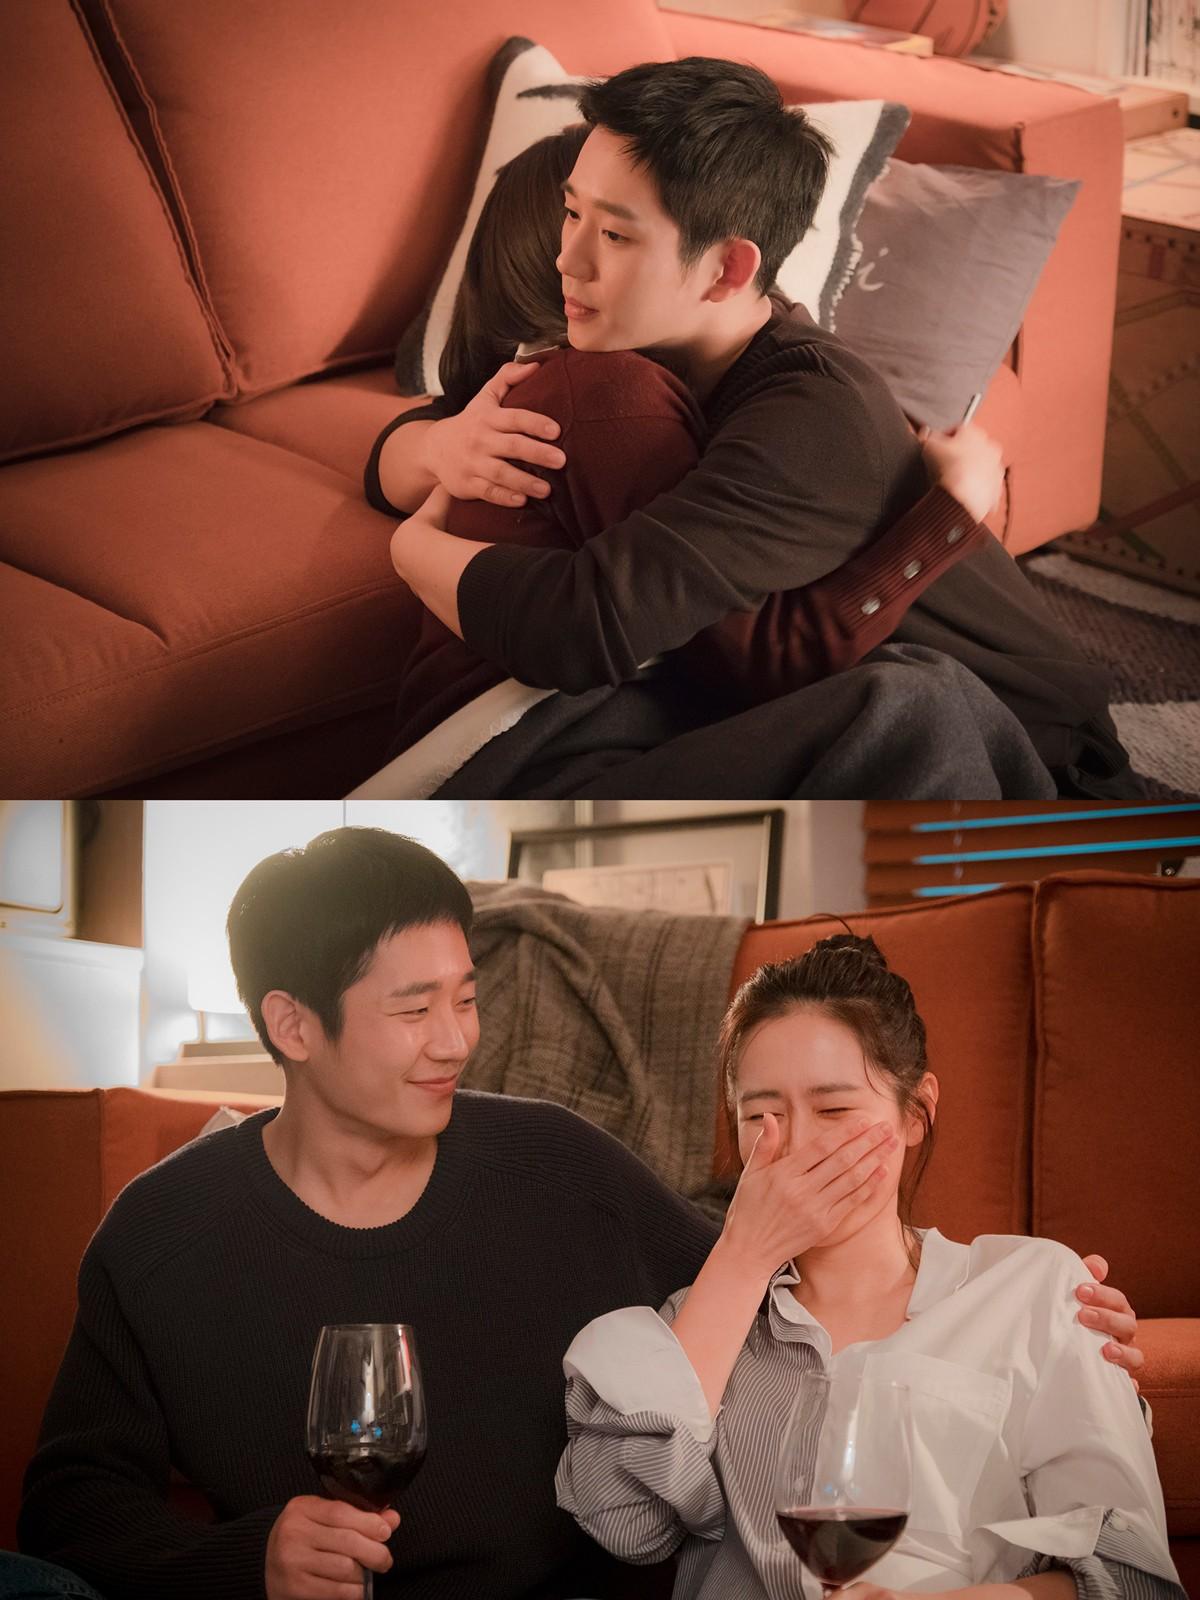 Chị Đẹp đã có clip triệu view đầu tiên trên Naver, nhanh hơn cả Goblin, ngang ngửa Hậu Duệ Mặt Trời! - Ảnh 7.